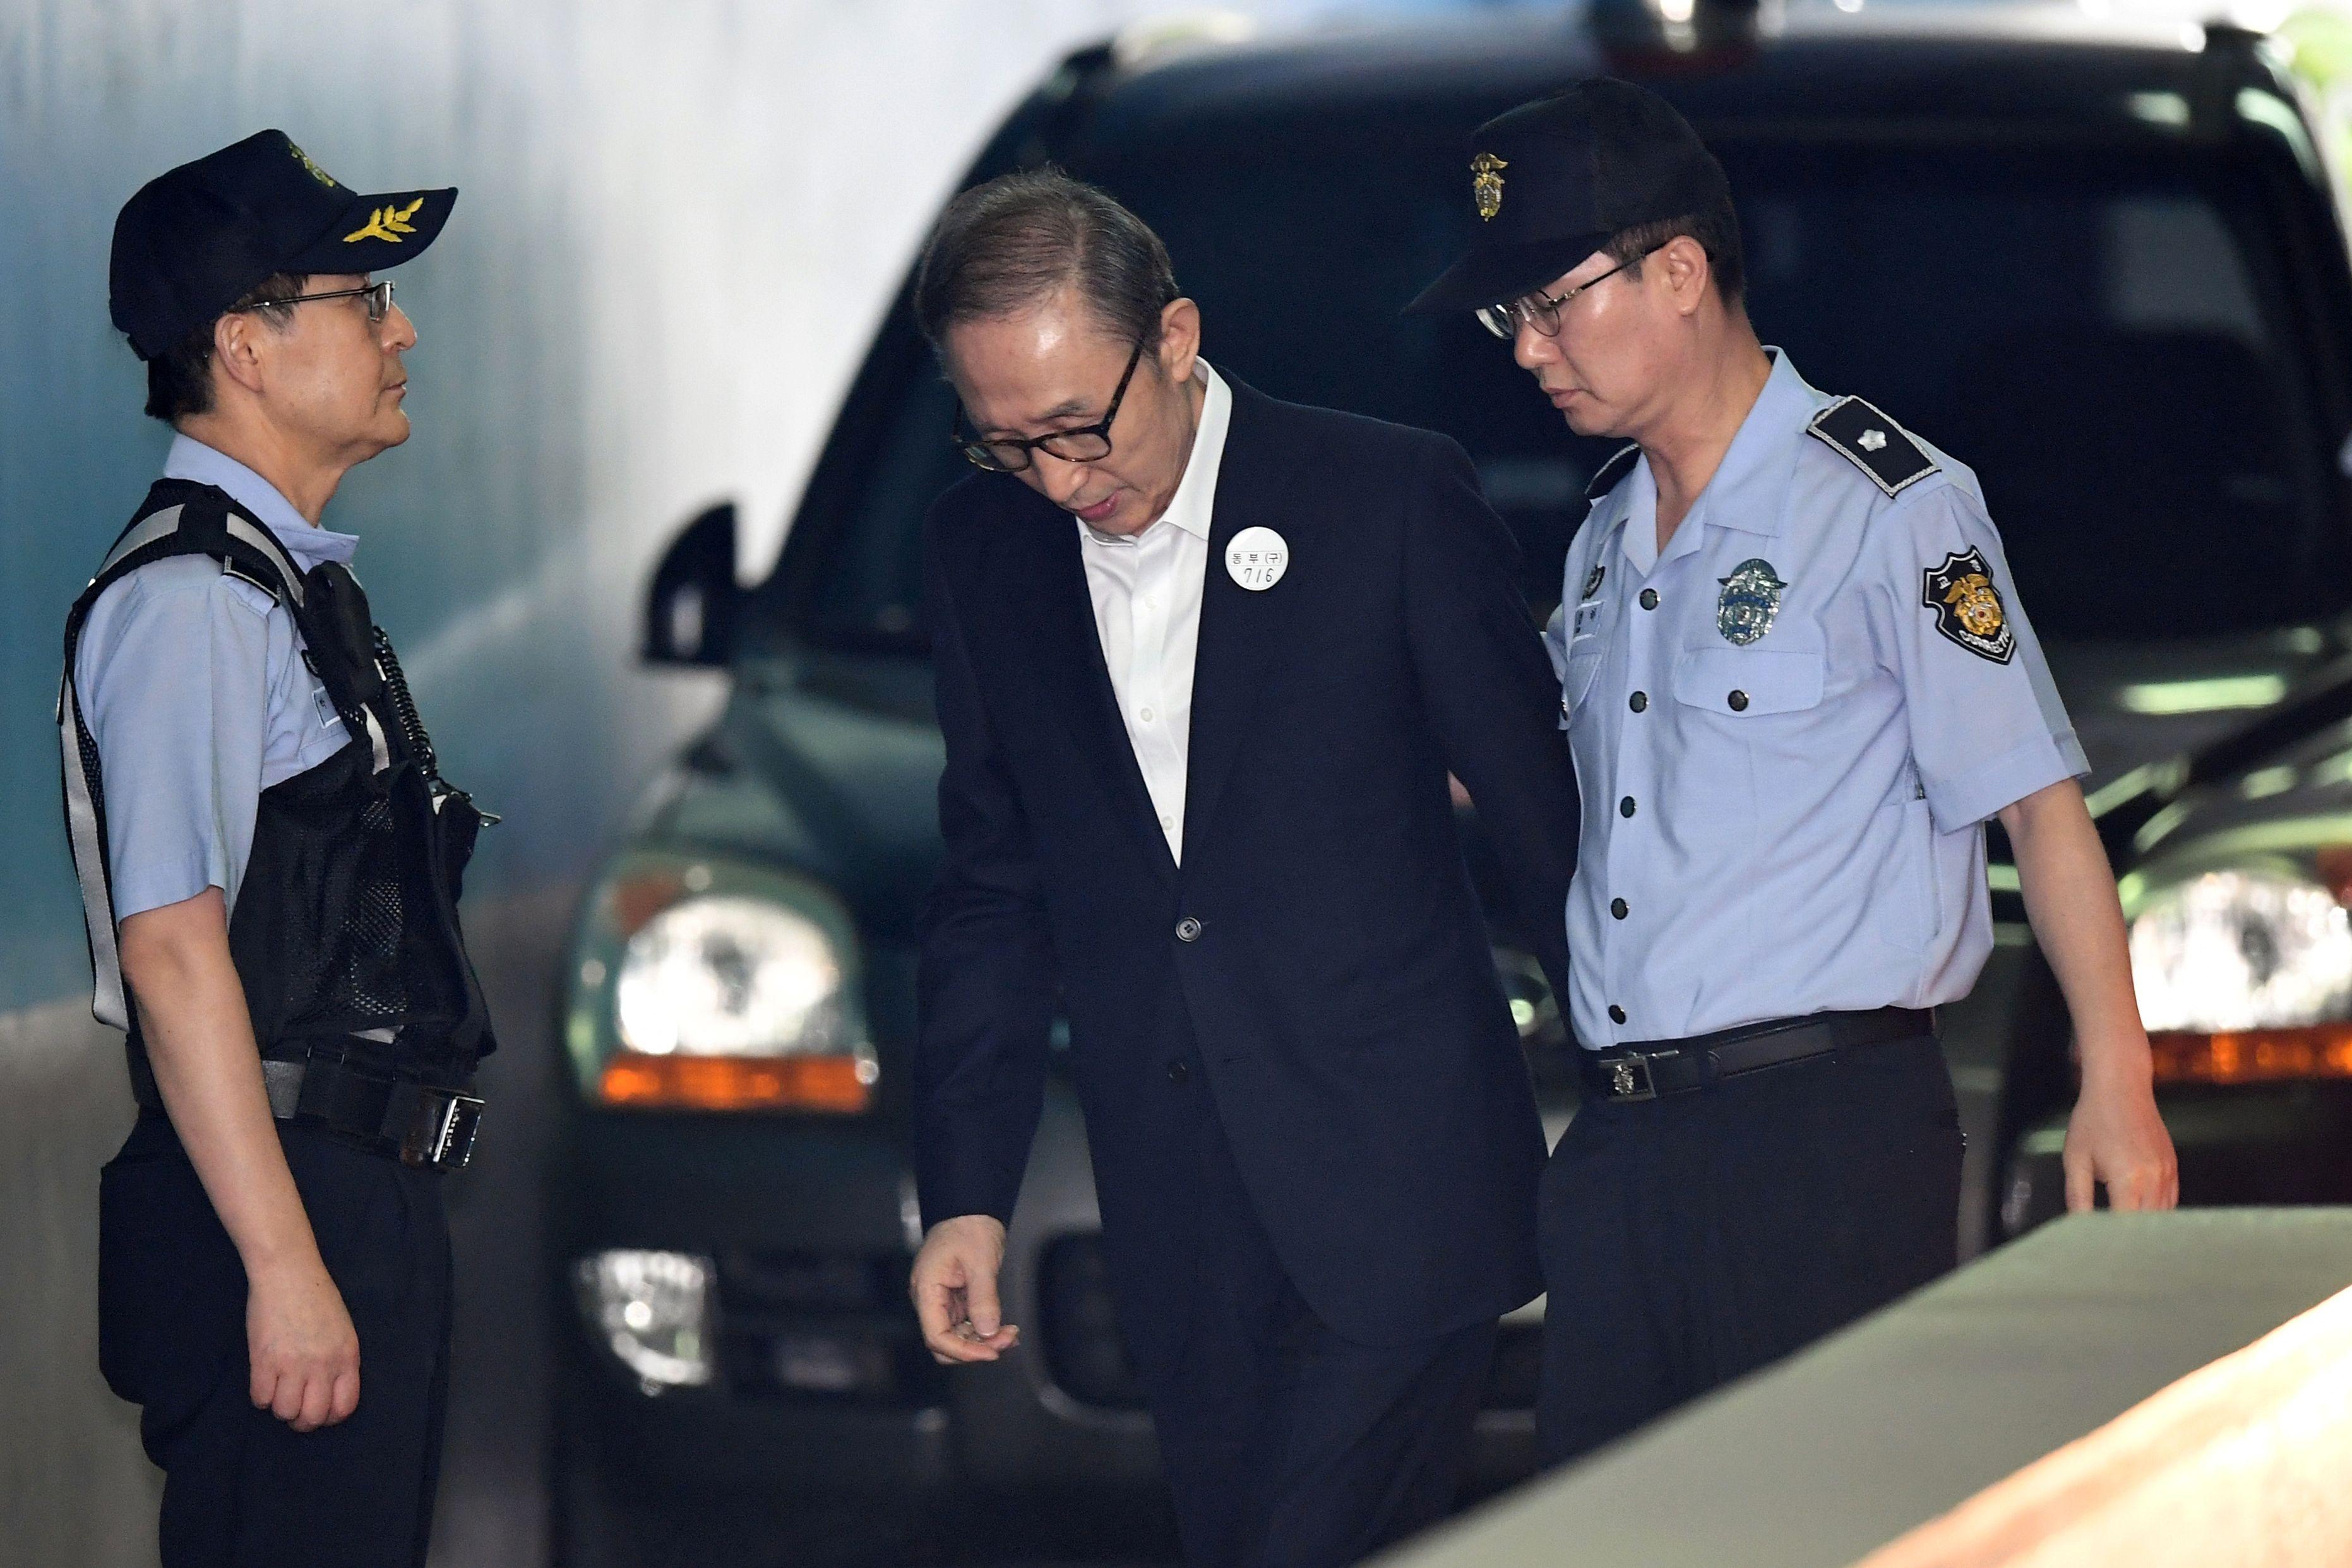 الإدعاء يطالب بسجن لي ميونج باك 20 عاما